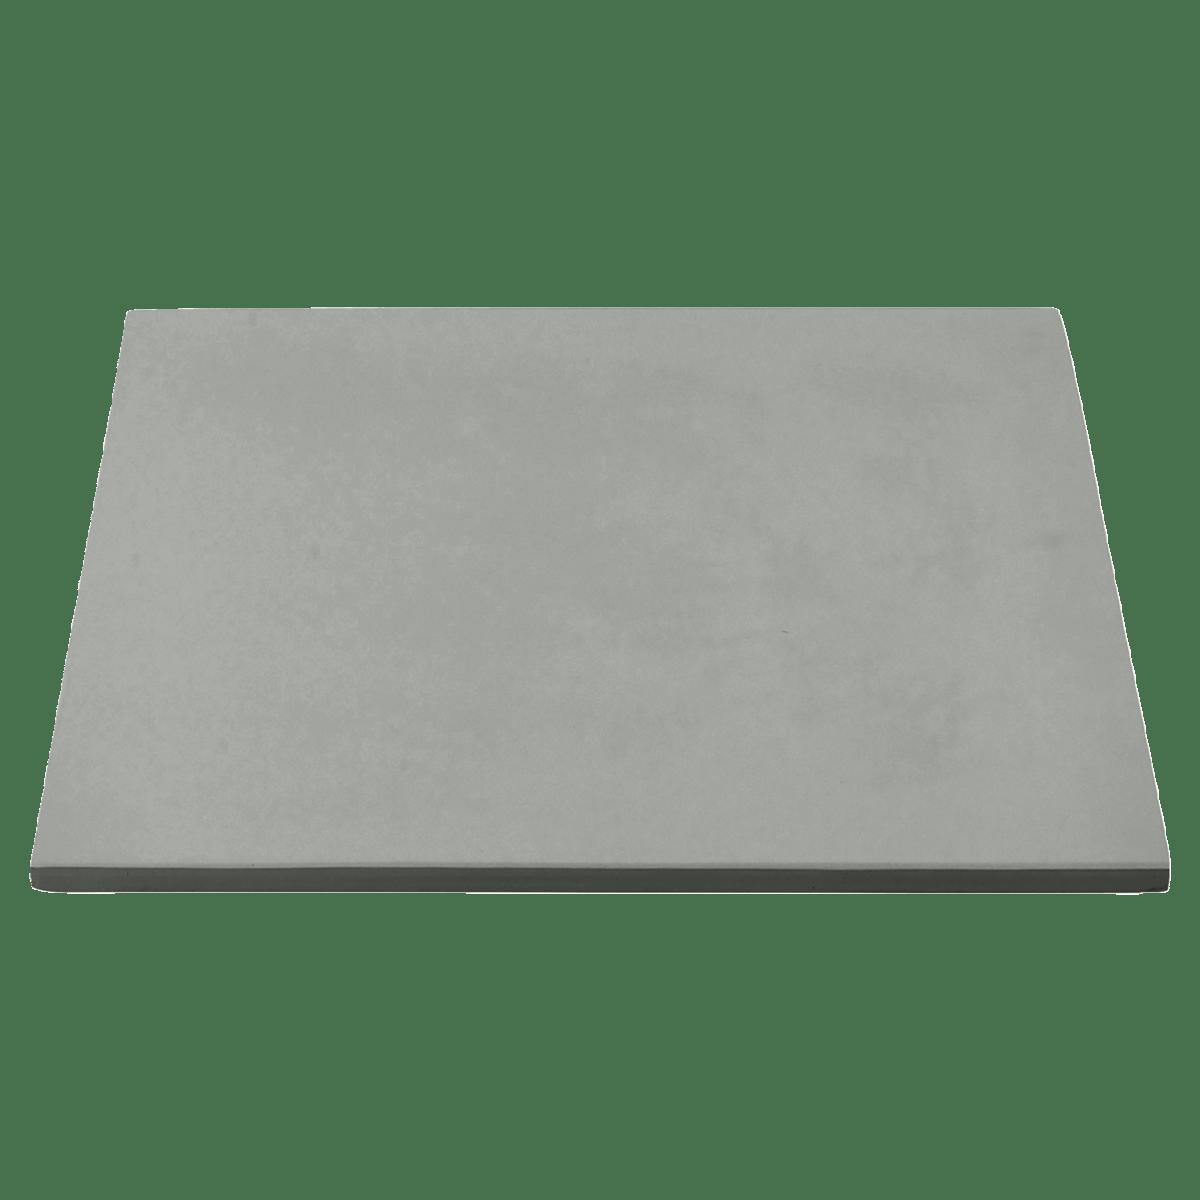 Šedá deska na stůl Concrete 60x60x1,5 cm